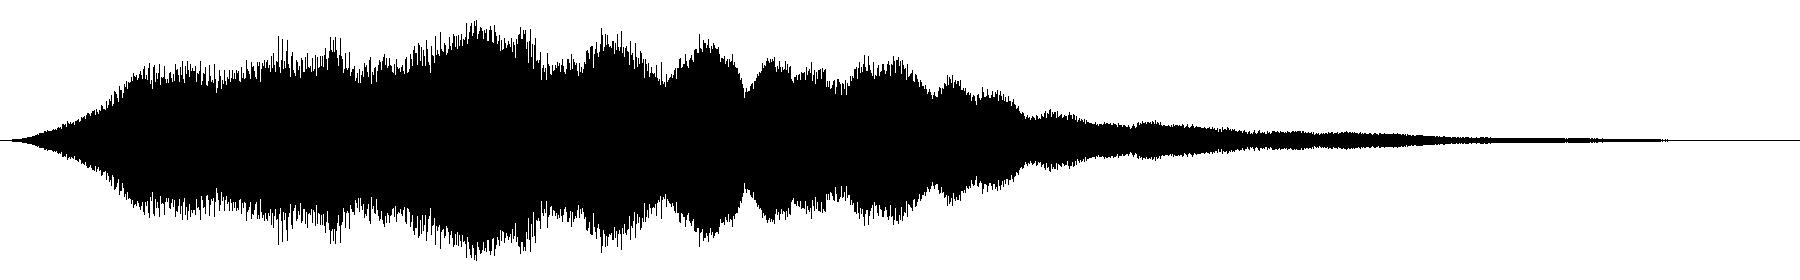 vfx1 atmos 44